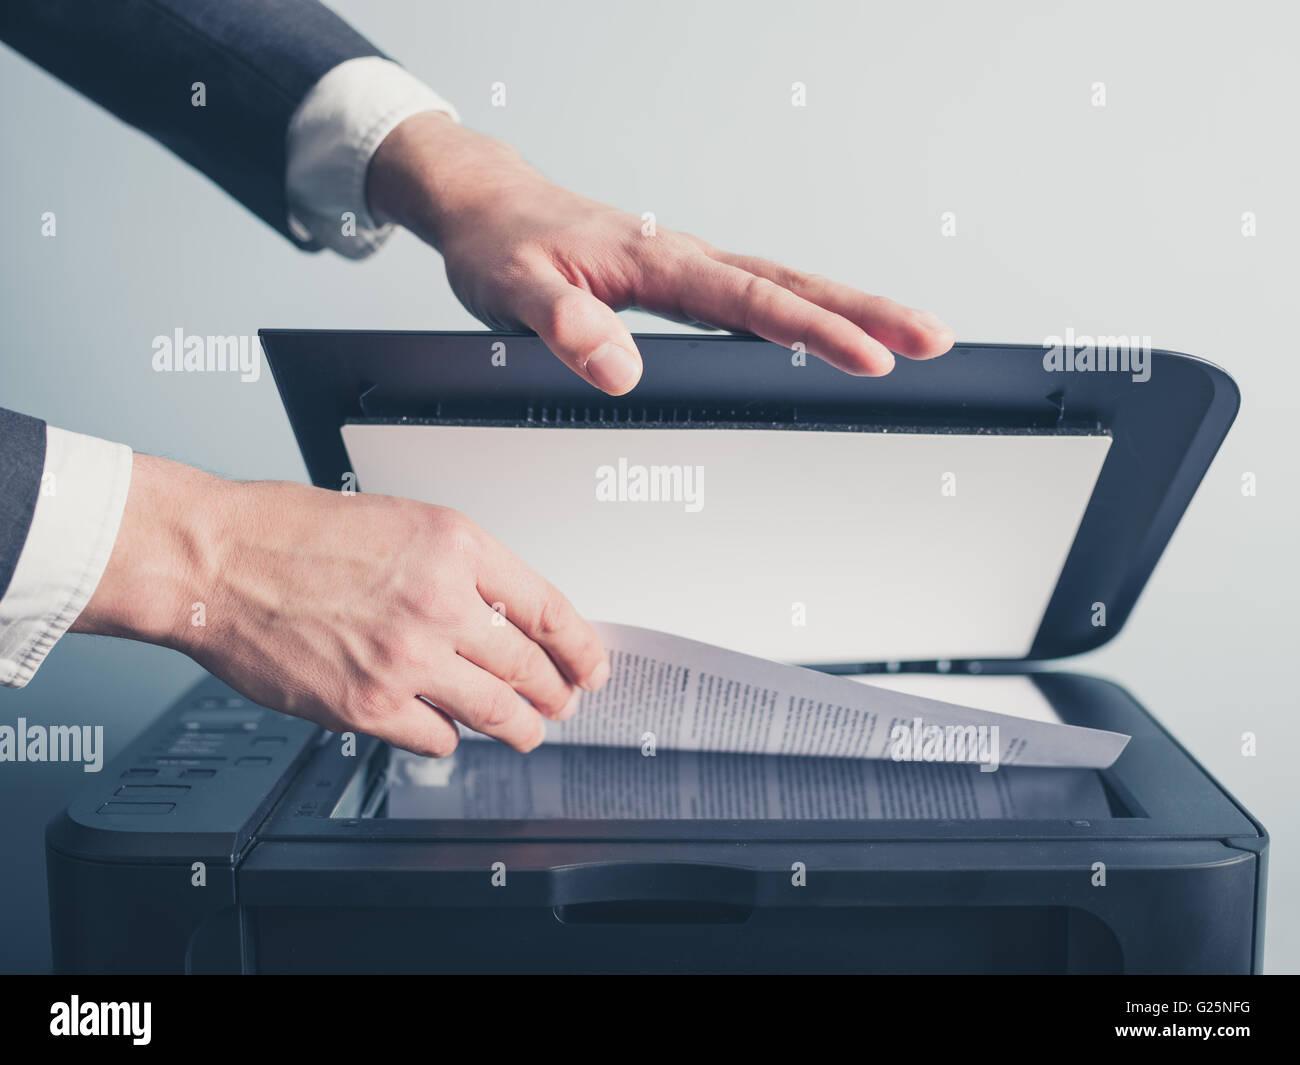 Les mains d'un jeune homme d'un document sur un scanner à plat en préparation pour le copier Photo Stock